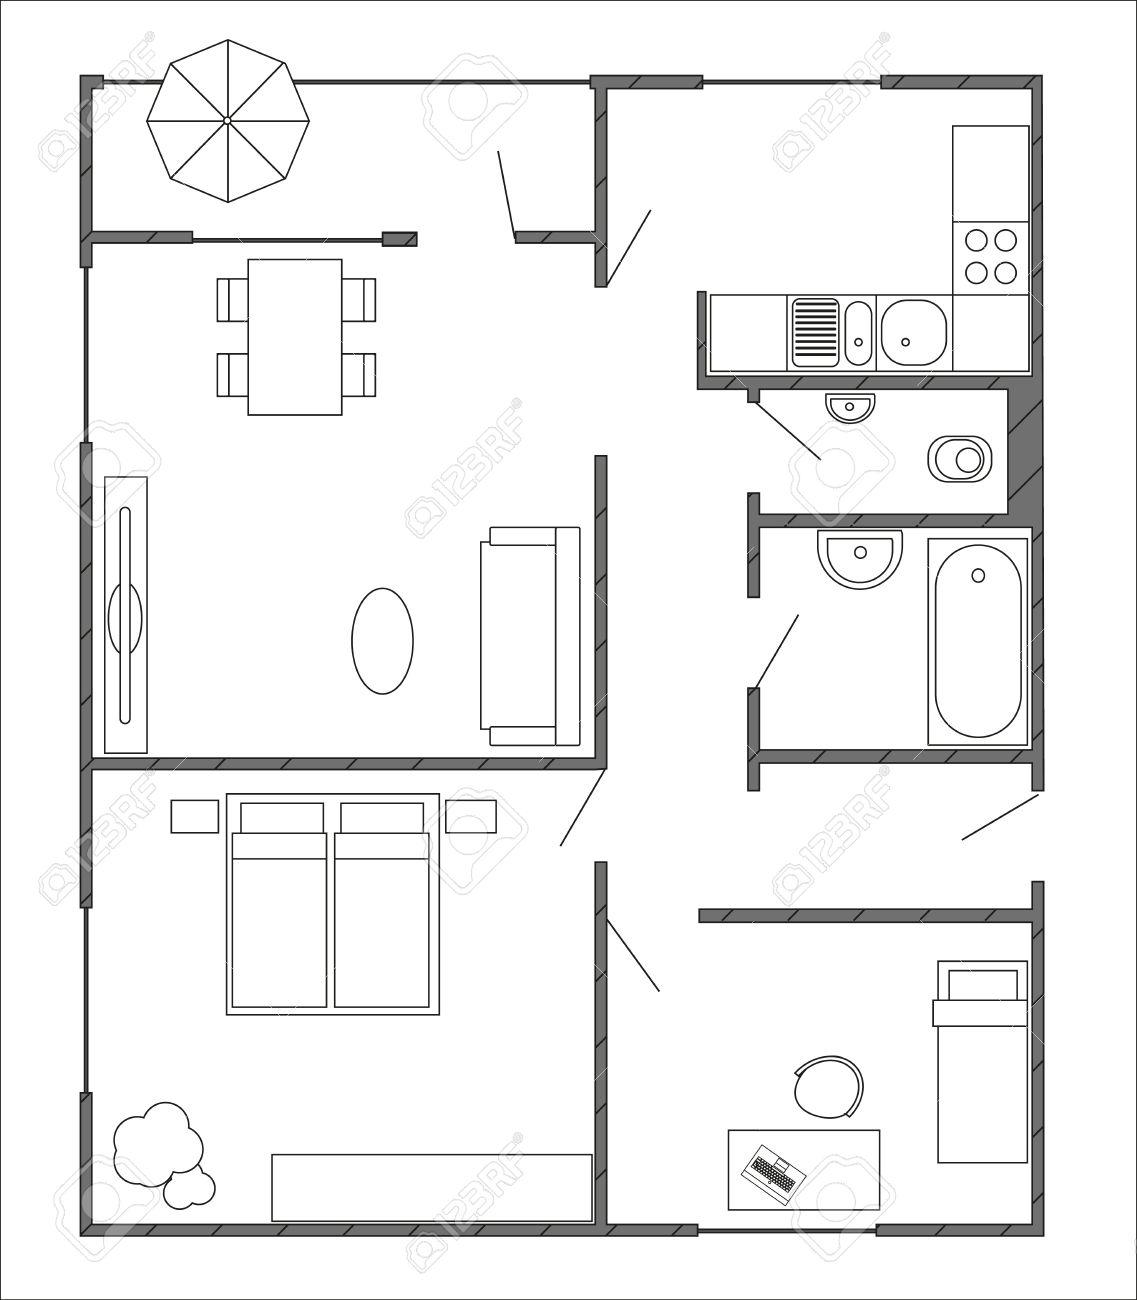 Architektur Plan Mit Möbeln In Der Draufsicht Von 3 Zimmer Wohnung Mit  Balkon.